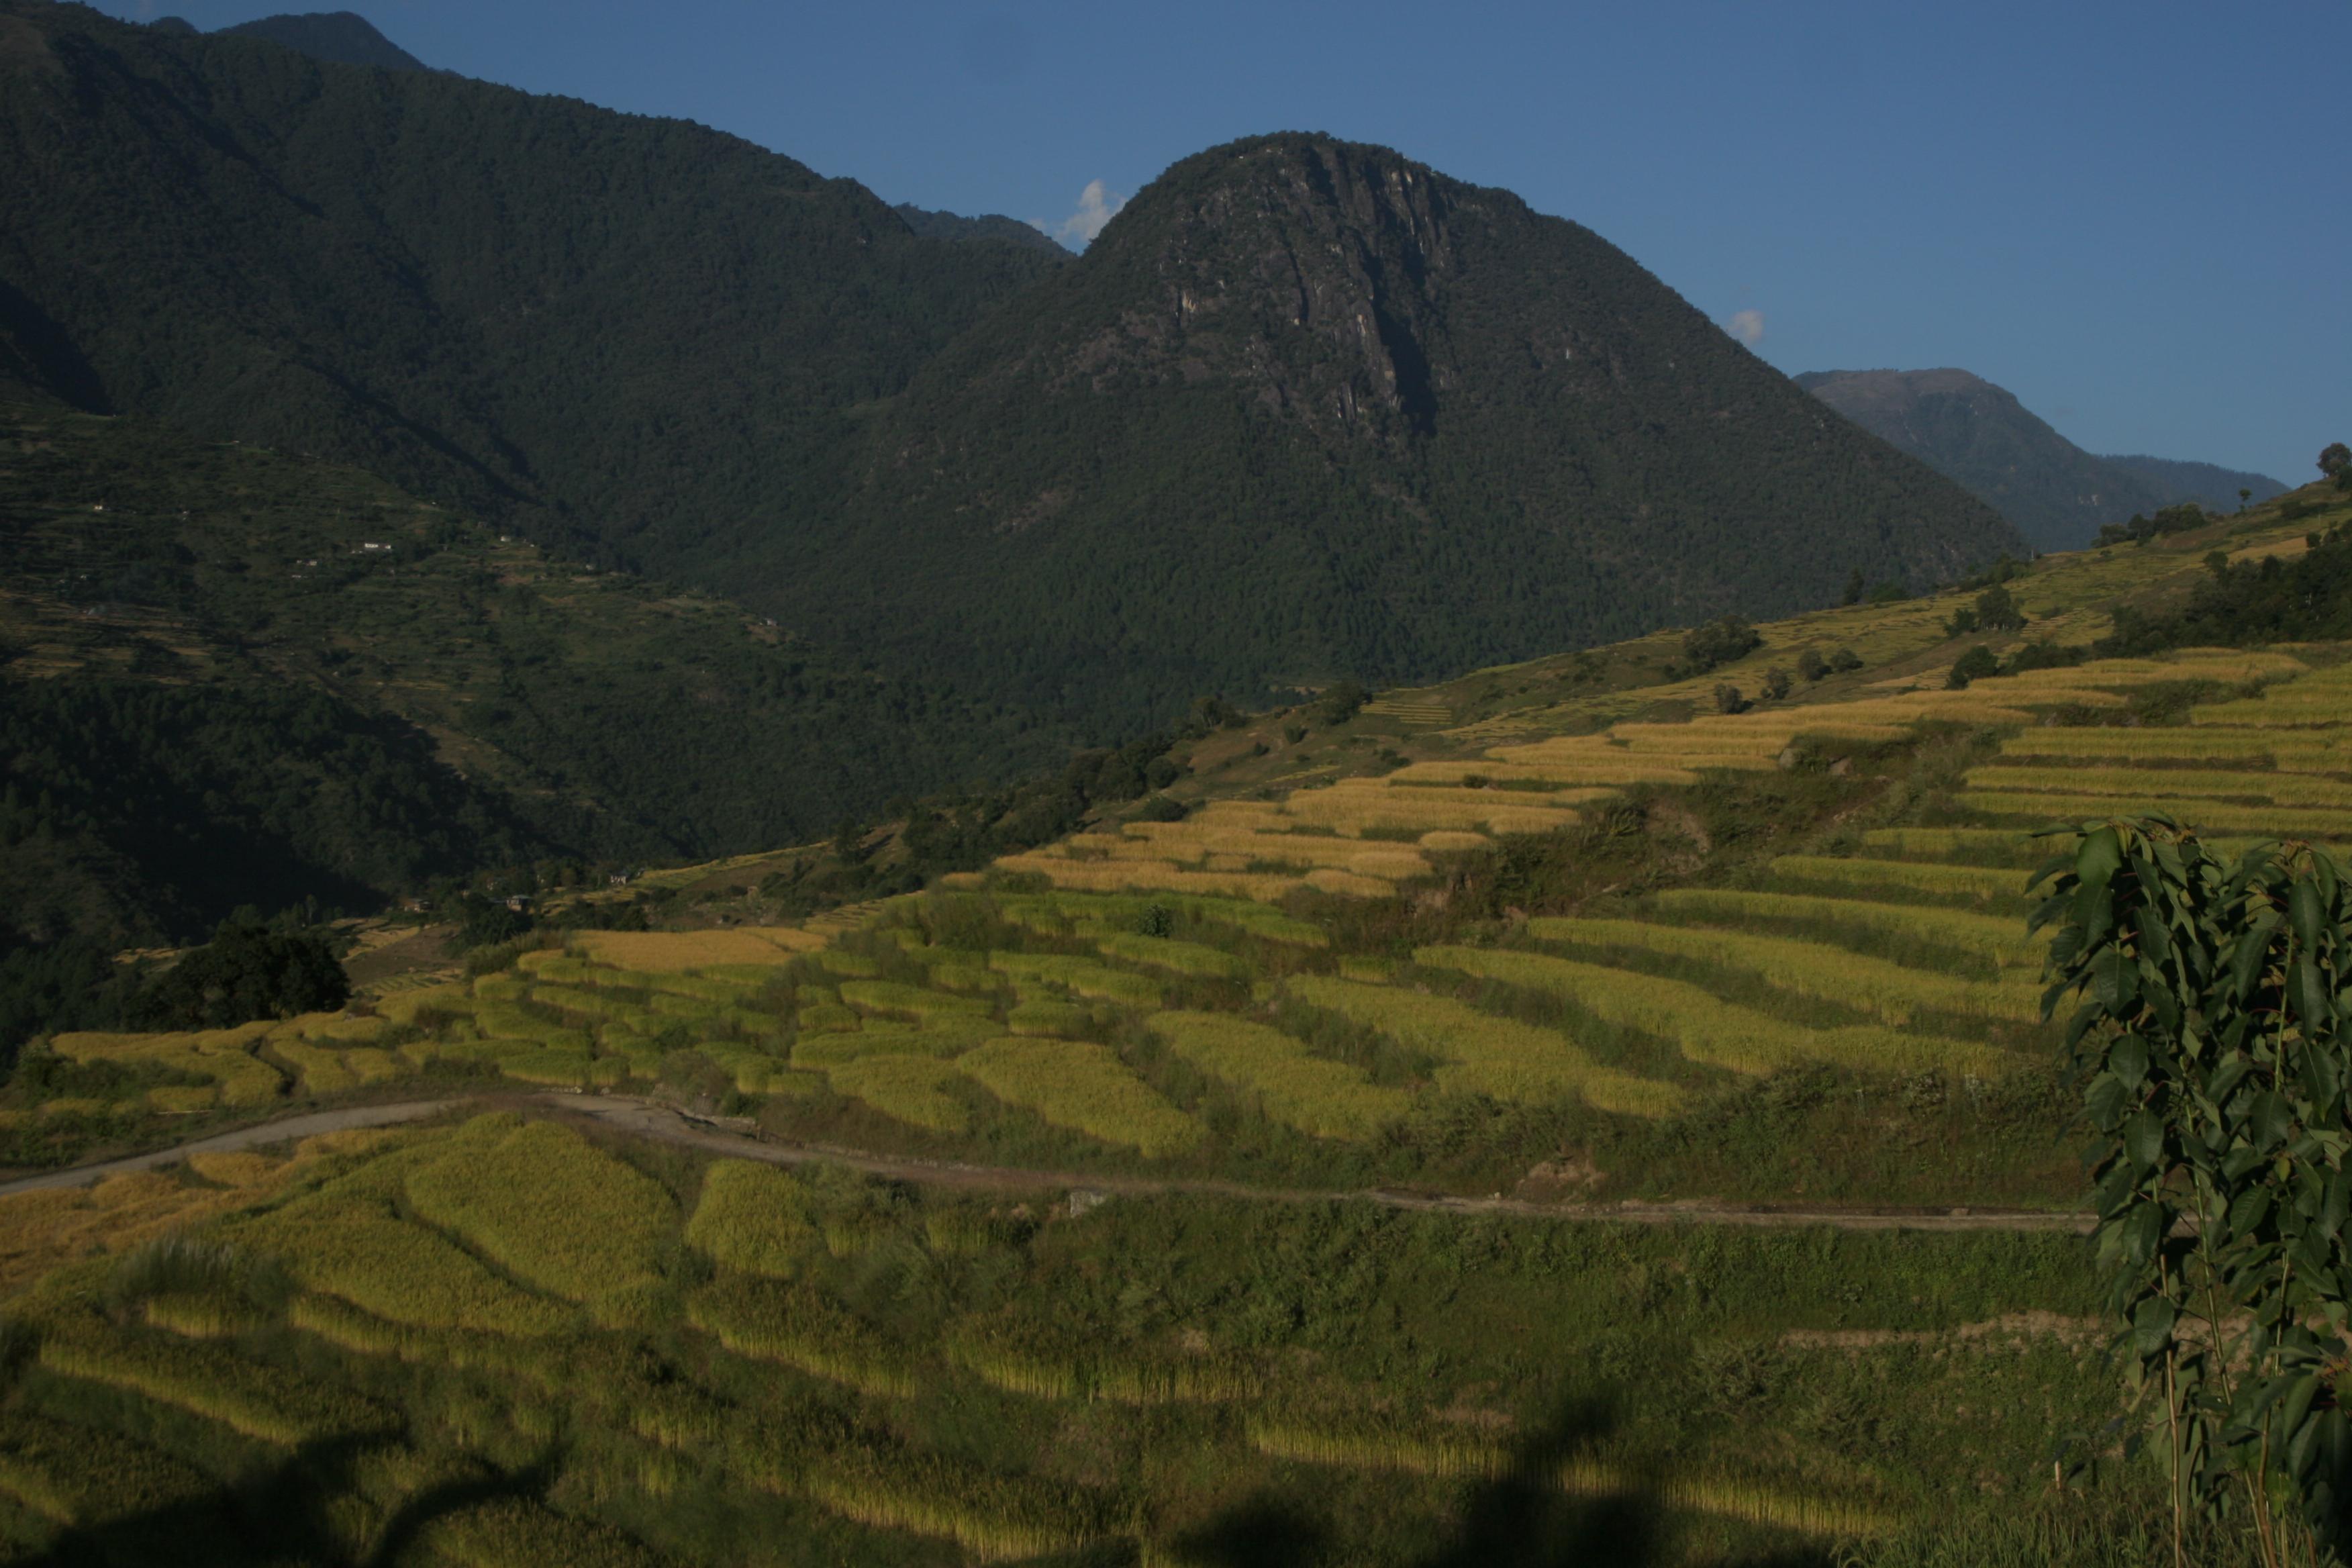 Radhi | BhutanVisit